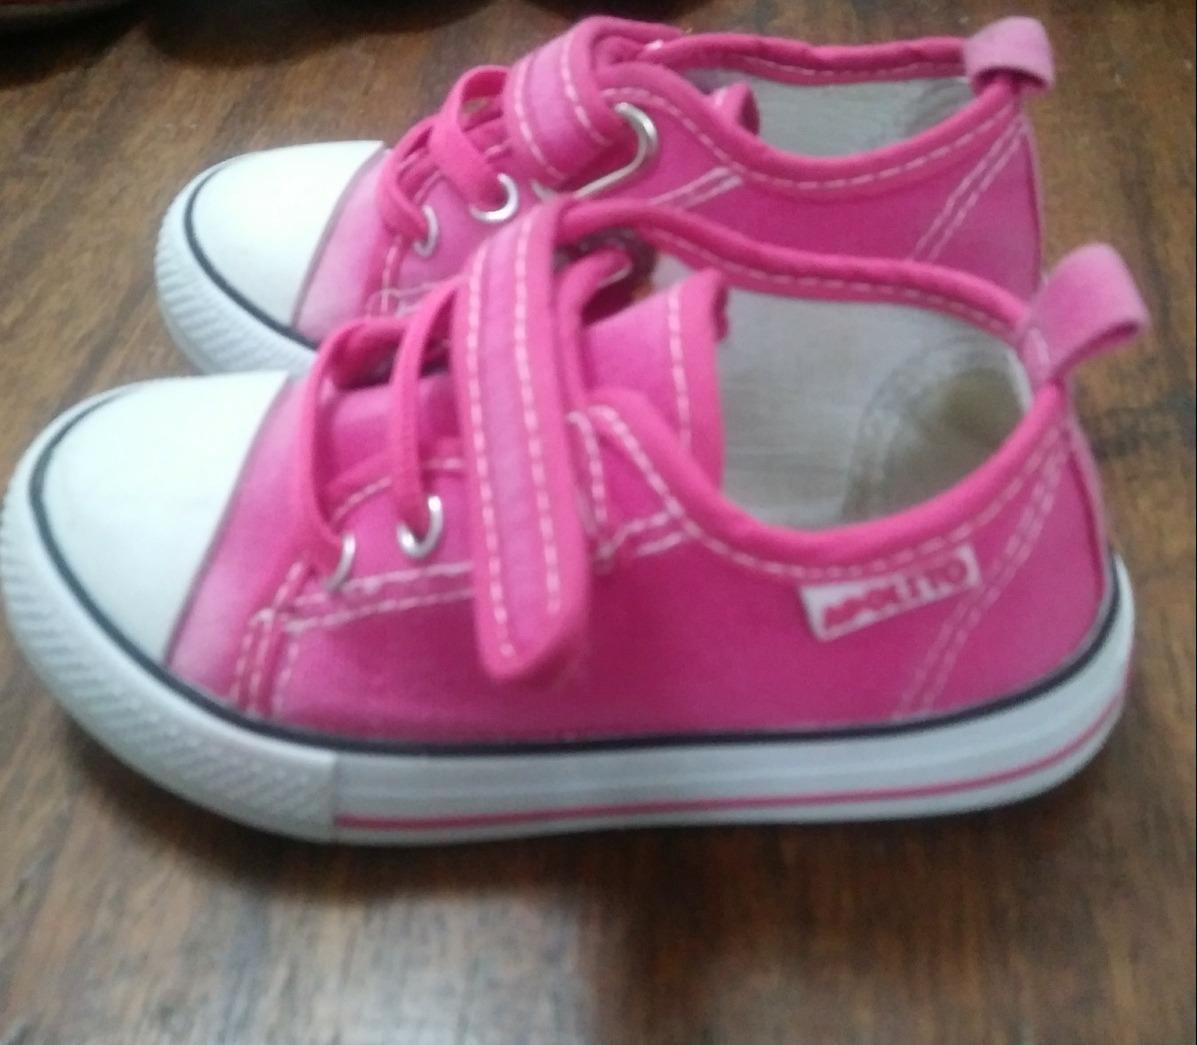 Mercado Para Tipo Converse Zapatos Libre Bs Apolito 000 En 00 1 Niña t5qqwvHW